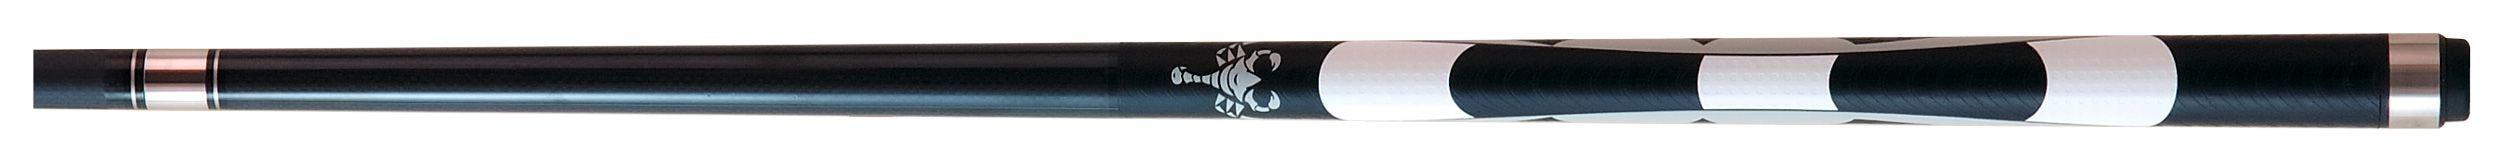 スコーピオン ブレイクキューgrp break (専用シャフト装備/scorpion) 商品画像